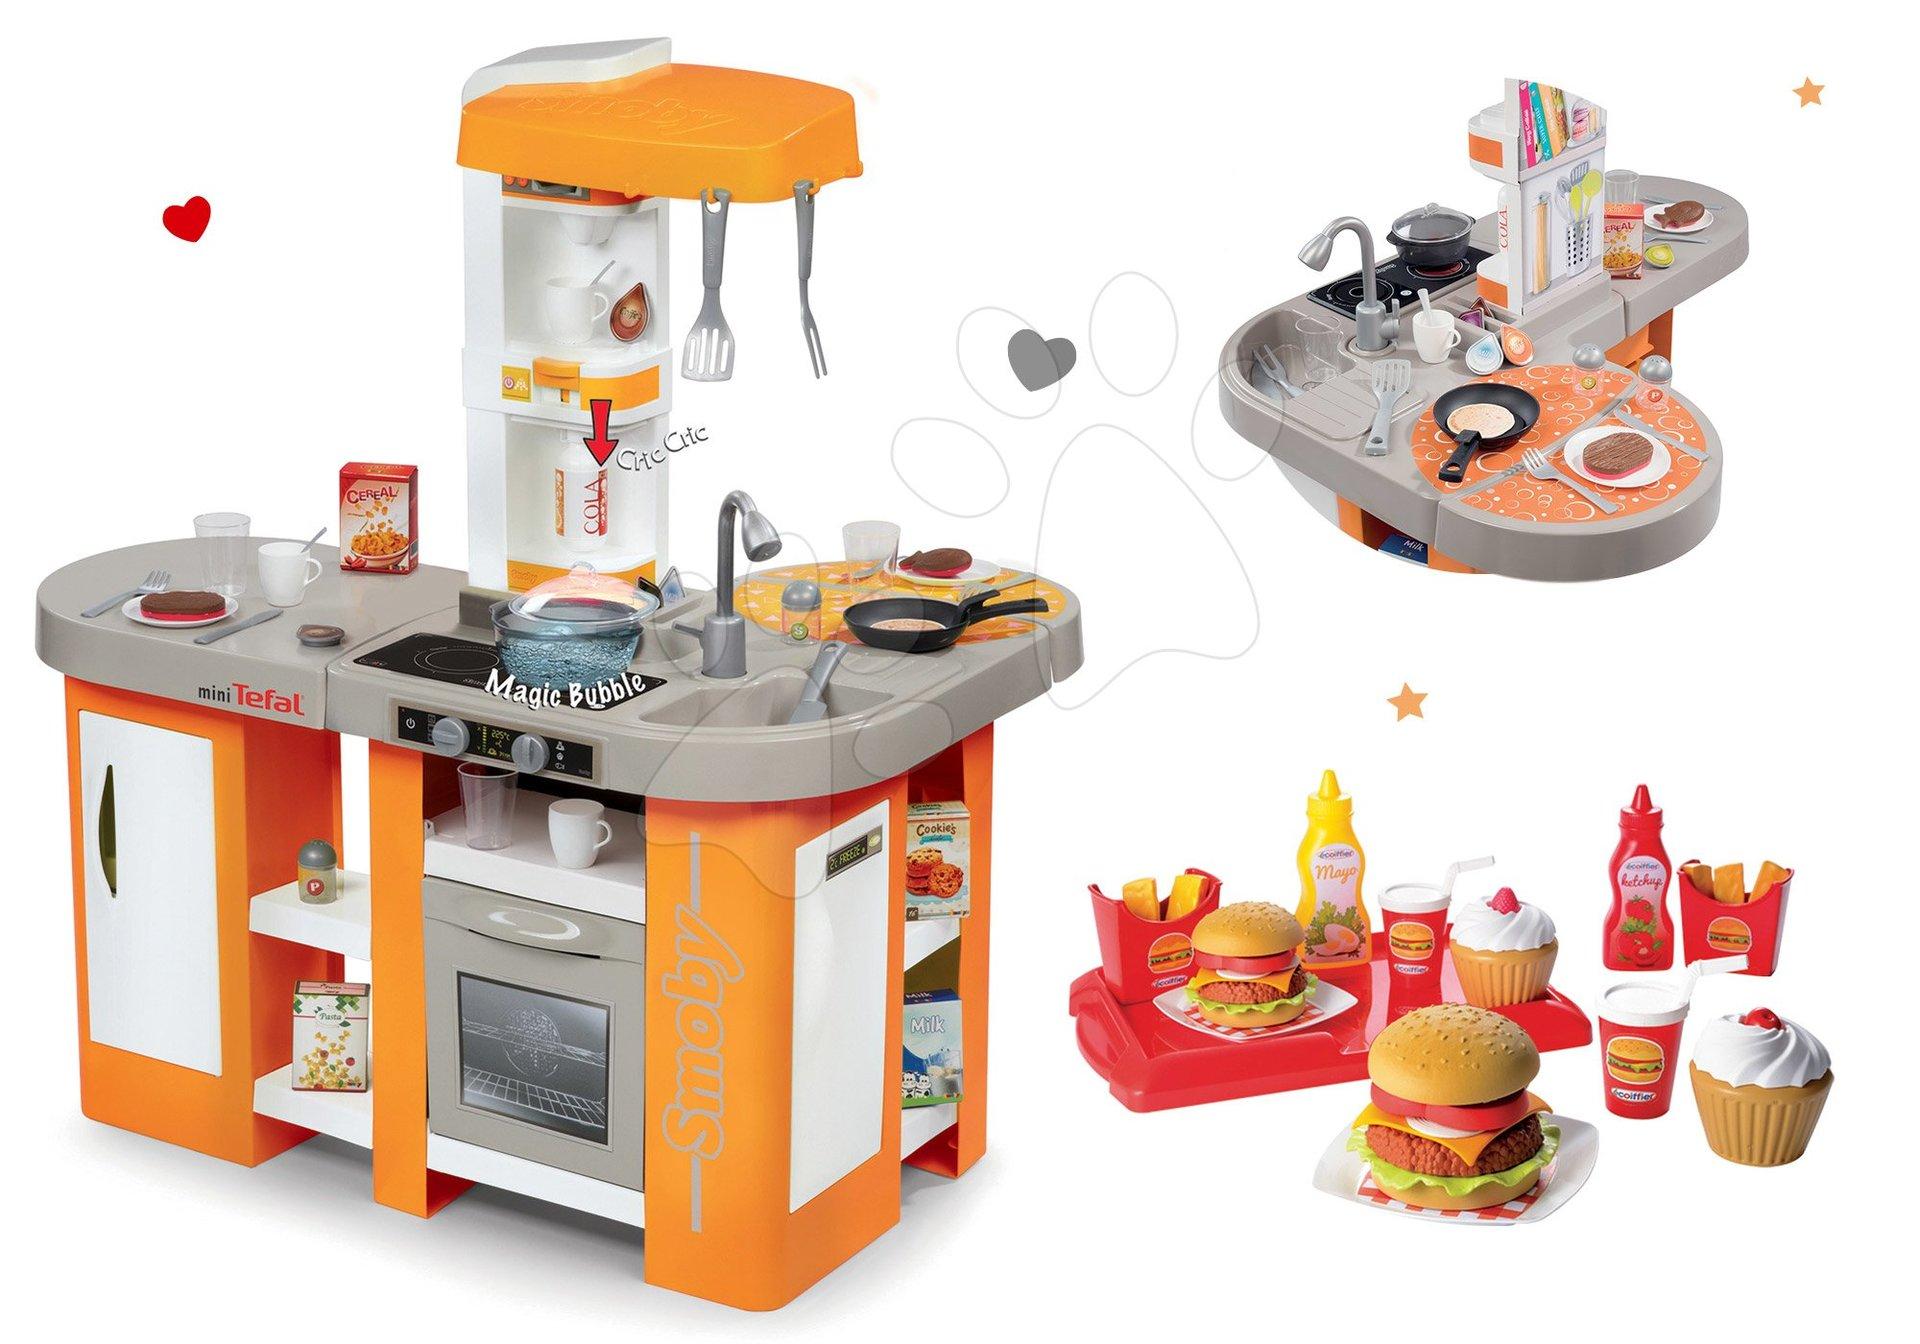 Kuchynky pre deti sety - Set kuchynka Tefal Studio XL Smoby so zvukmi a chladničkou a set hamburgerov 100% Chef